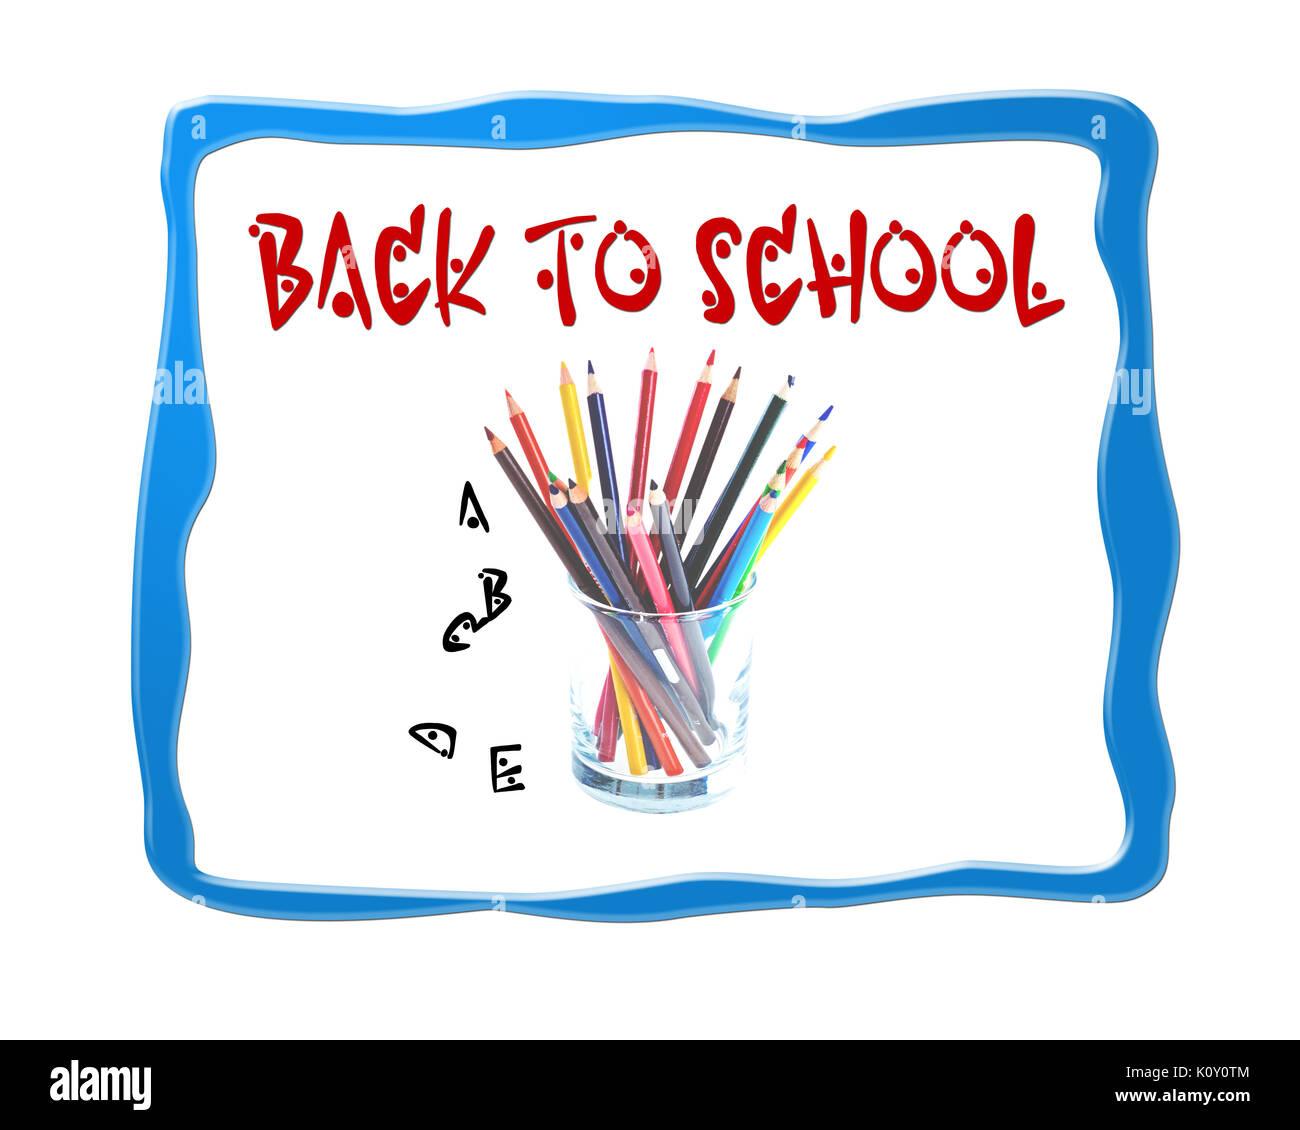 Back to school logo background image - Stock Image